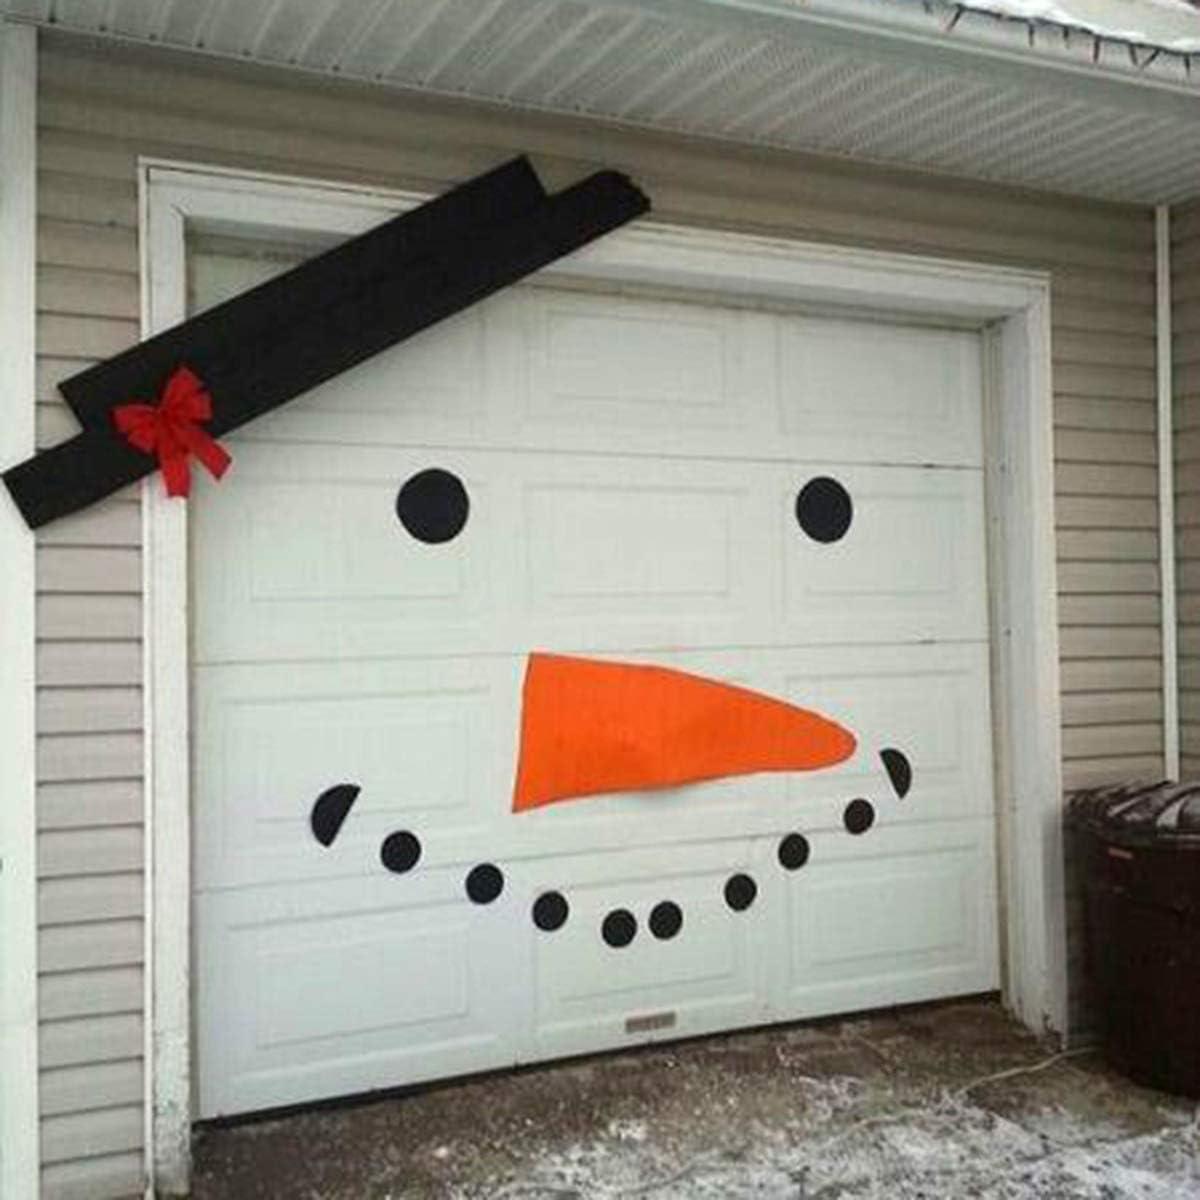 qwert DIY Christmas Snowman Face Wall Stickers 16pcs/Set Xmas Decoration Decals Wall Door Garage Window Ornaments Snowman Face Sticker